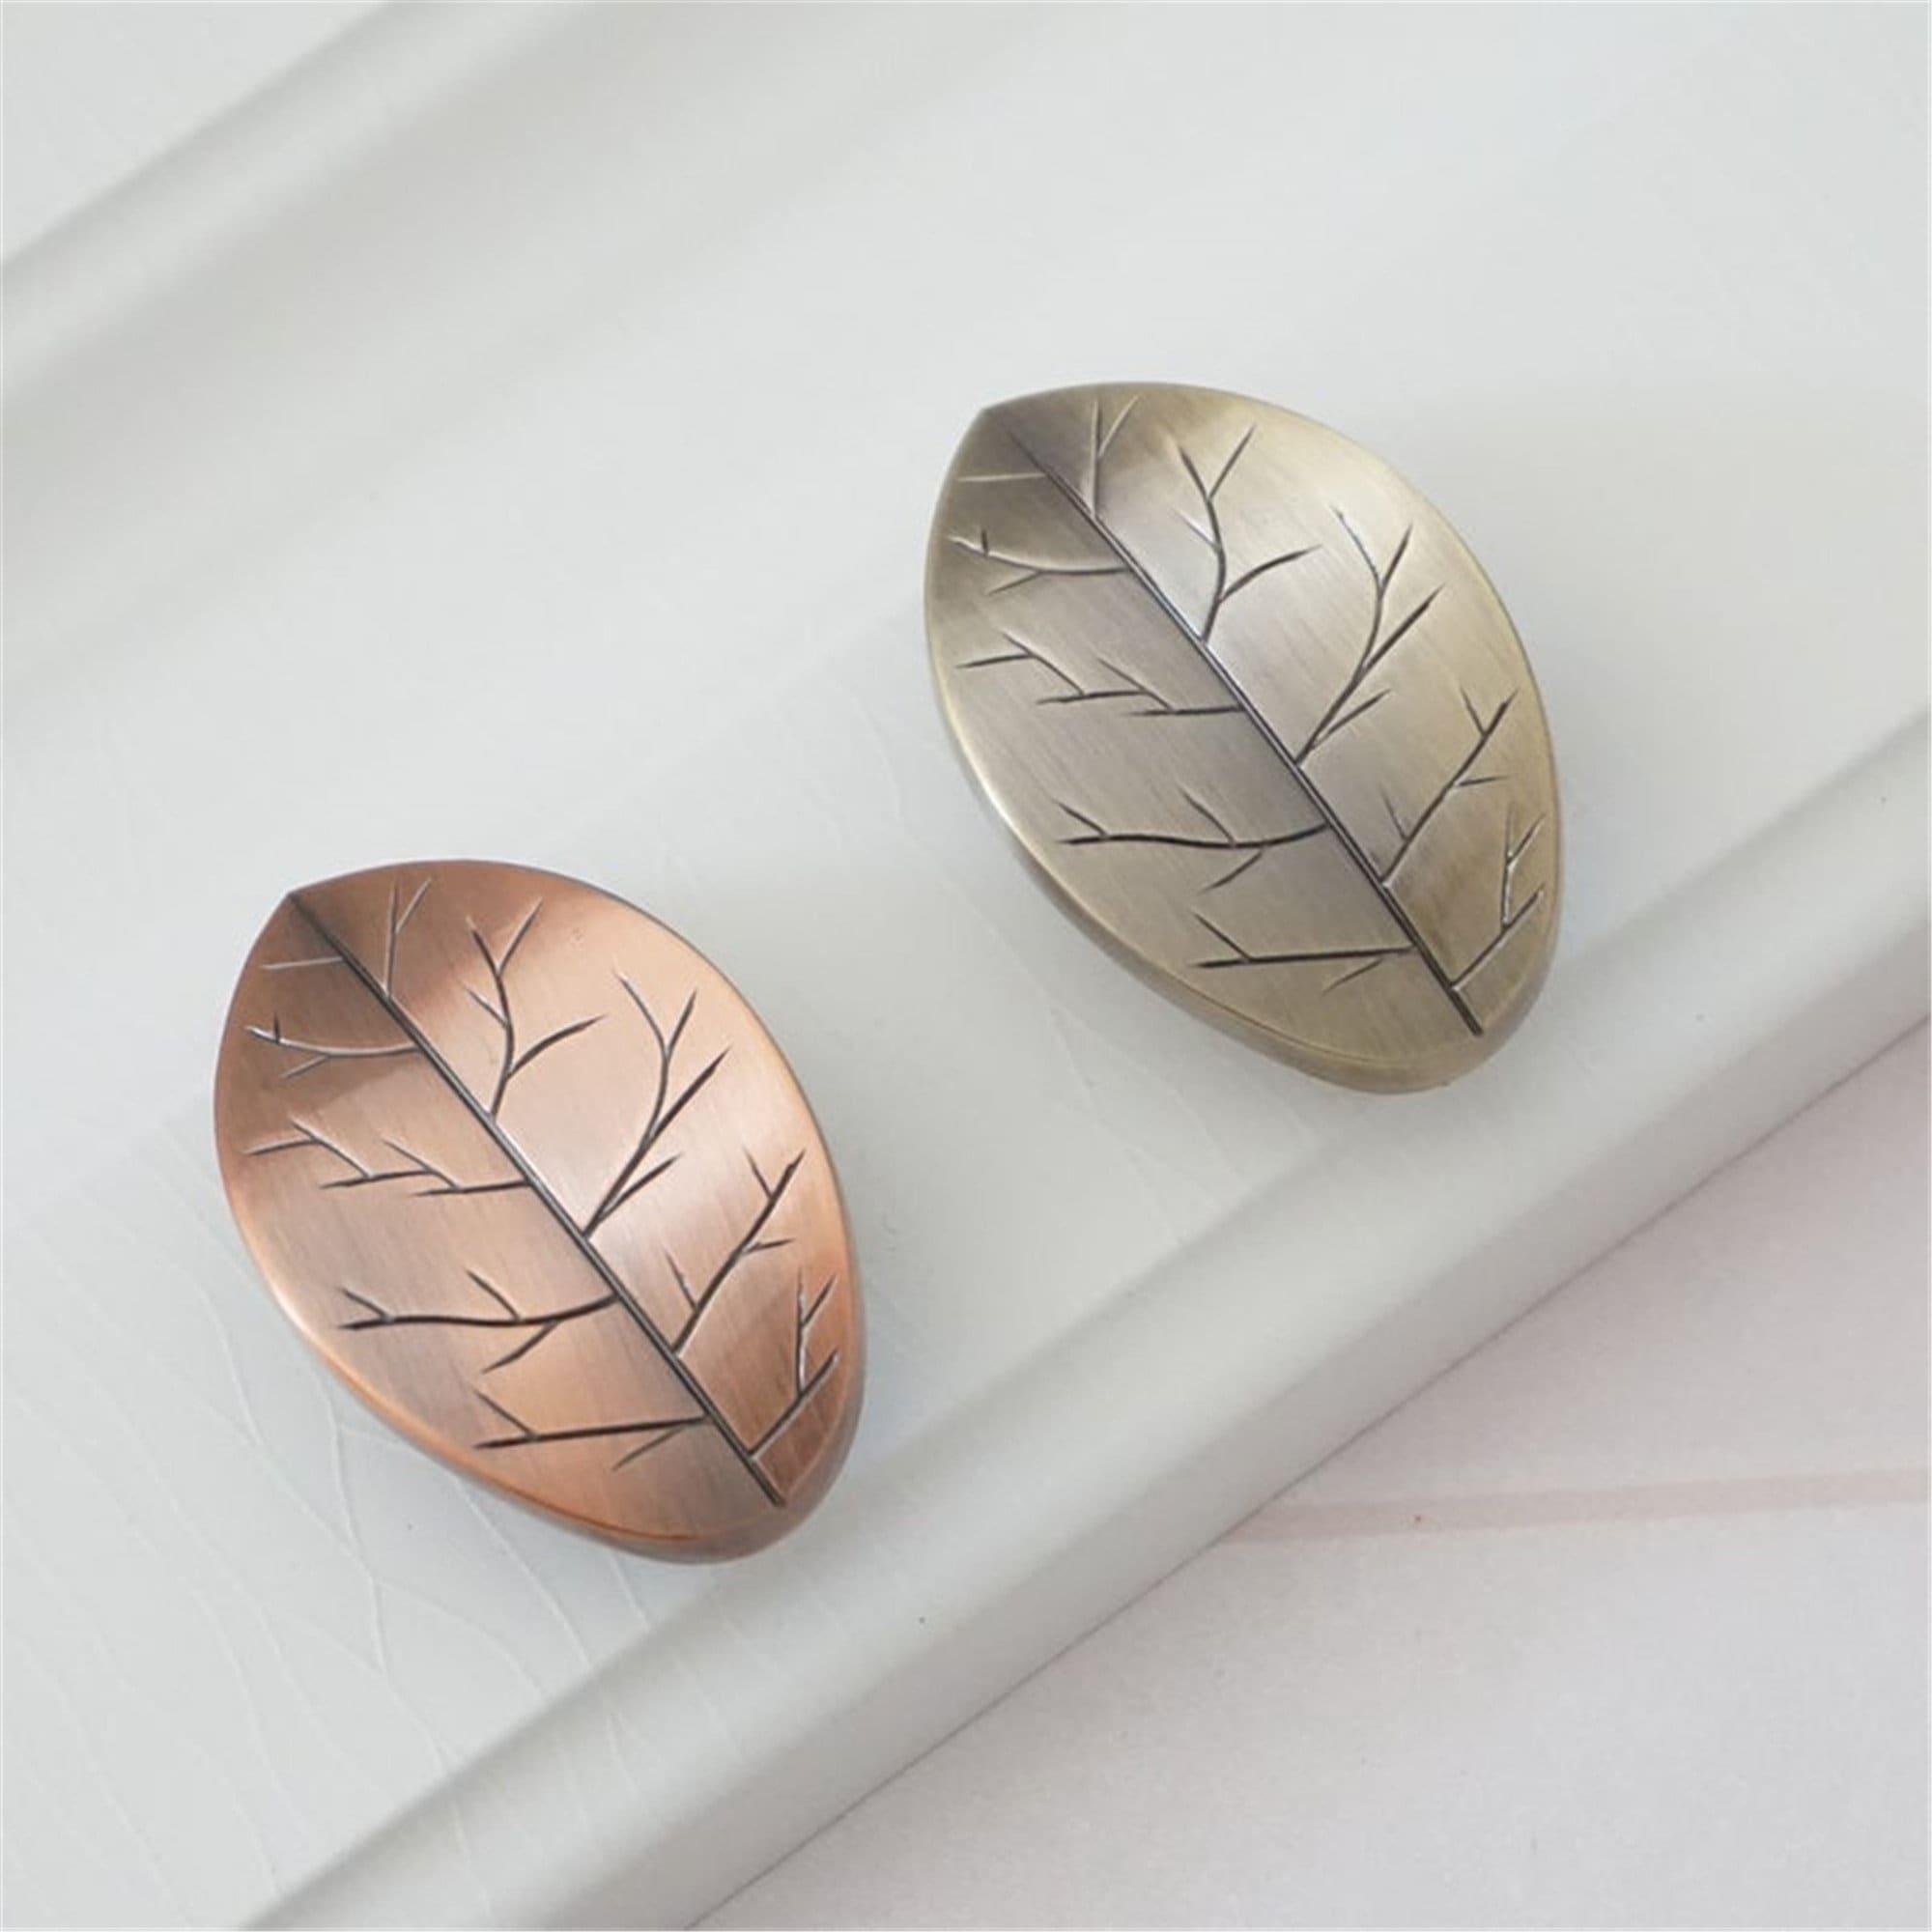 Leaf Design Dresser Knobs Drawer Pull Handles Knobs Bronze   Etsy